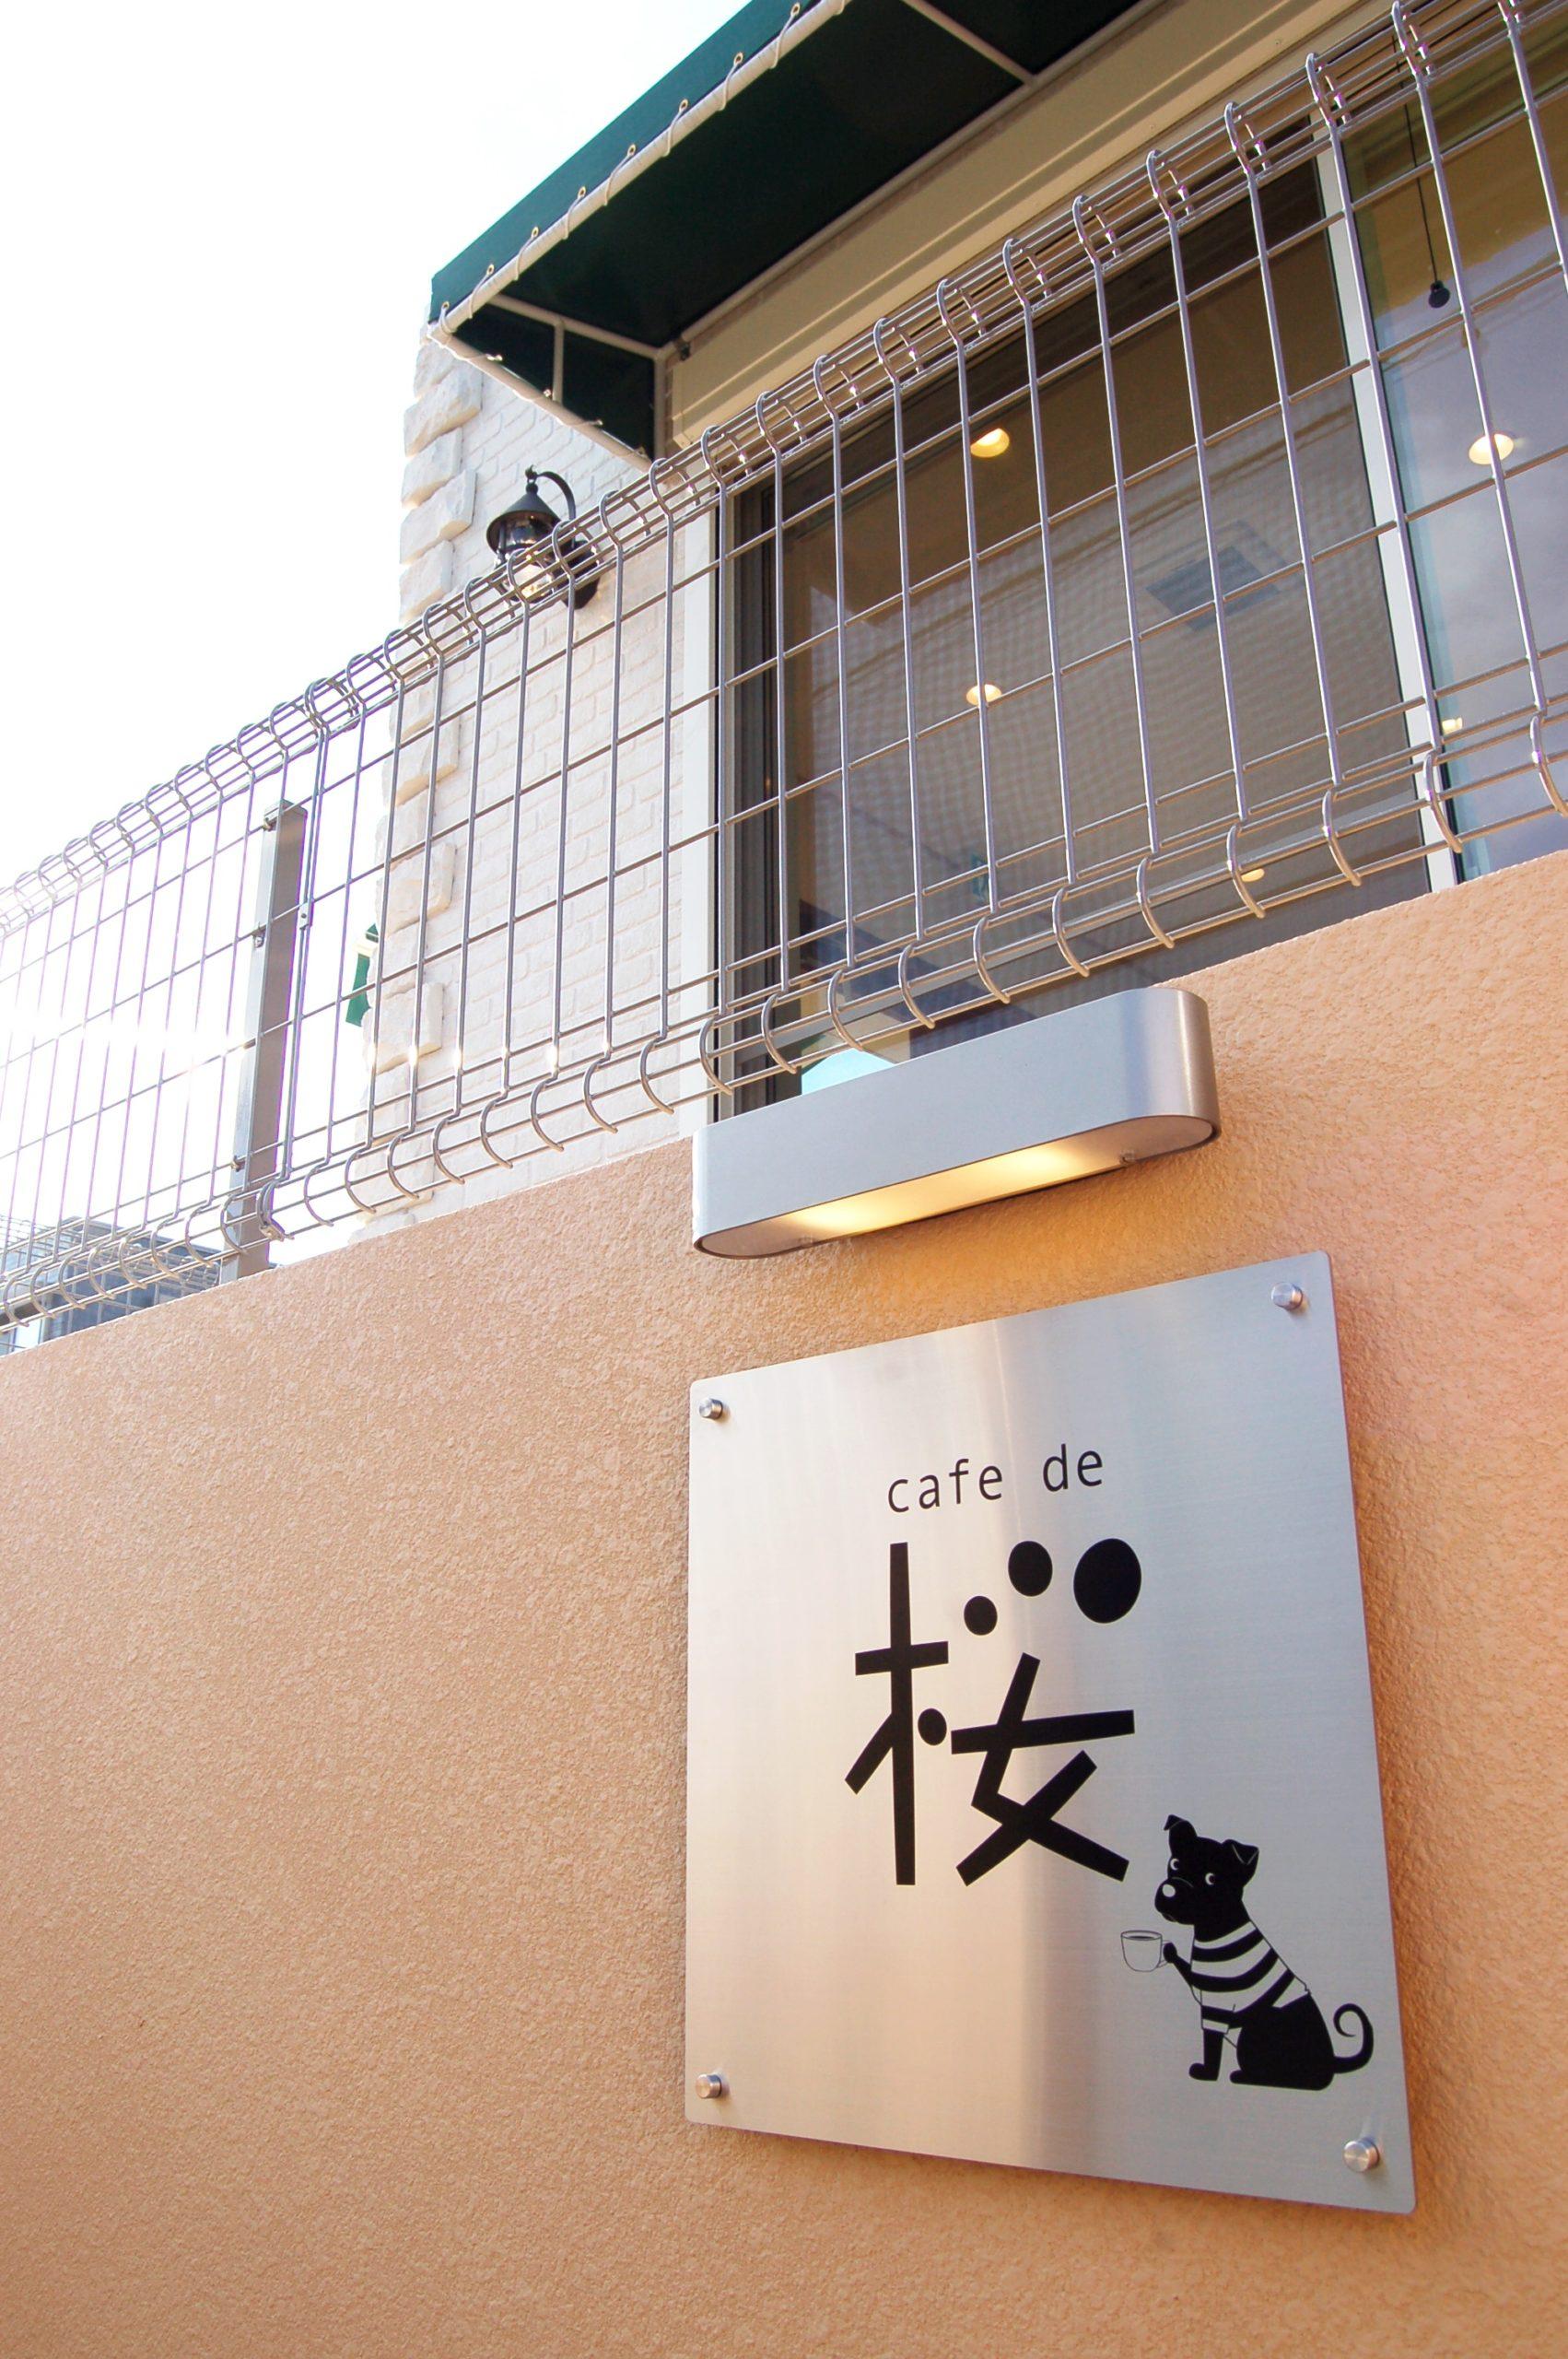 春田建設 施工実績 cafe de 桜 新築工事